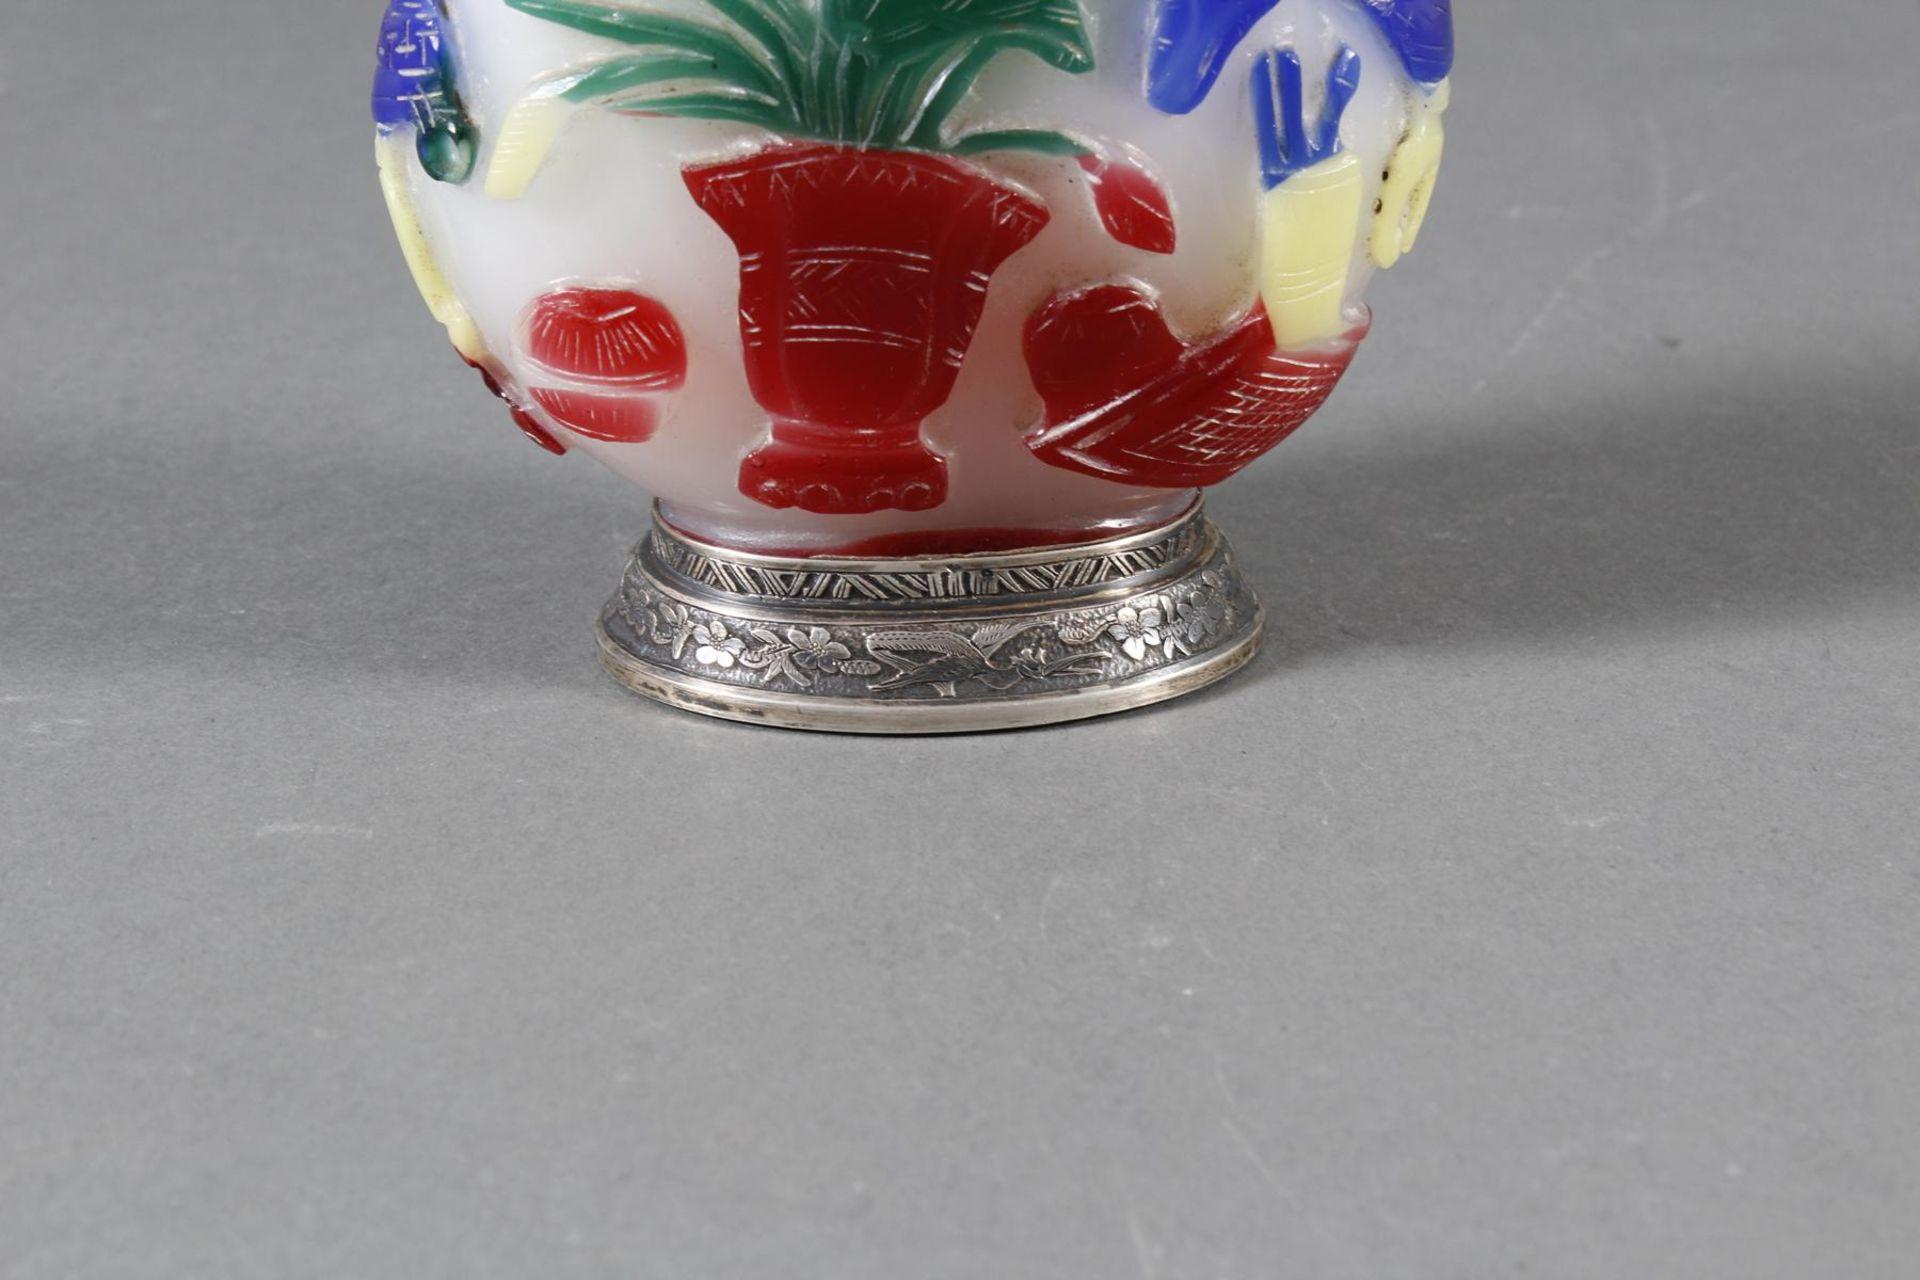 Snuff bottle, Überfangglas mit Silbermontur, China Anfang 20. Jahrhundert - Bild 10 aus 12